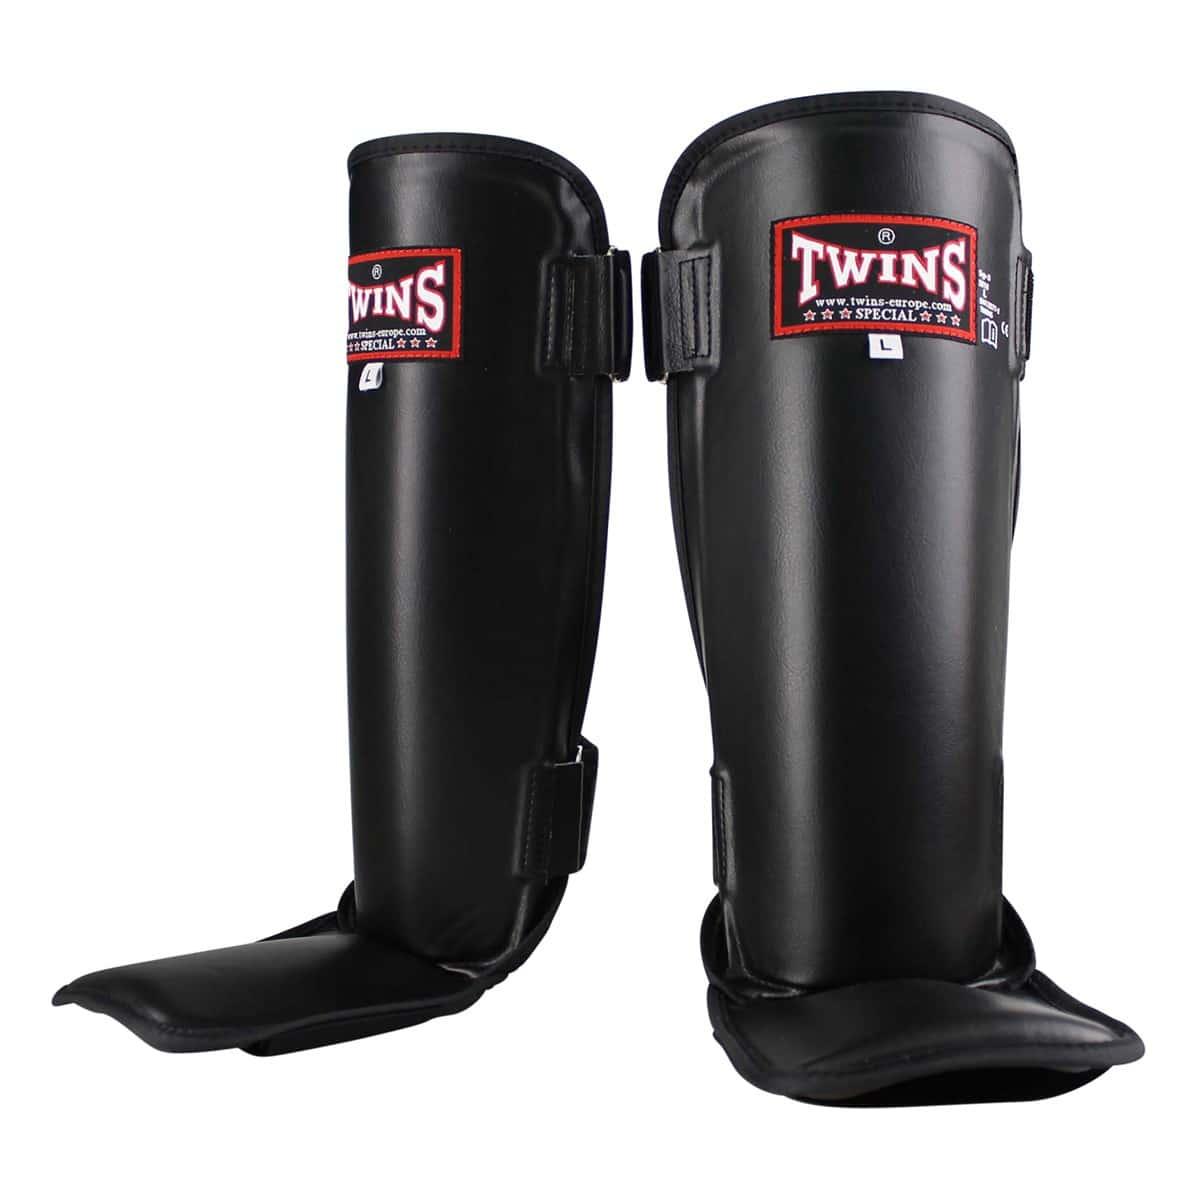 Protège Tibias Pieds Twins Noir SG 3